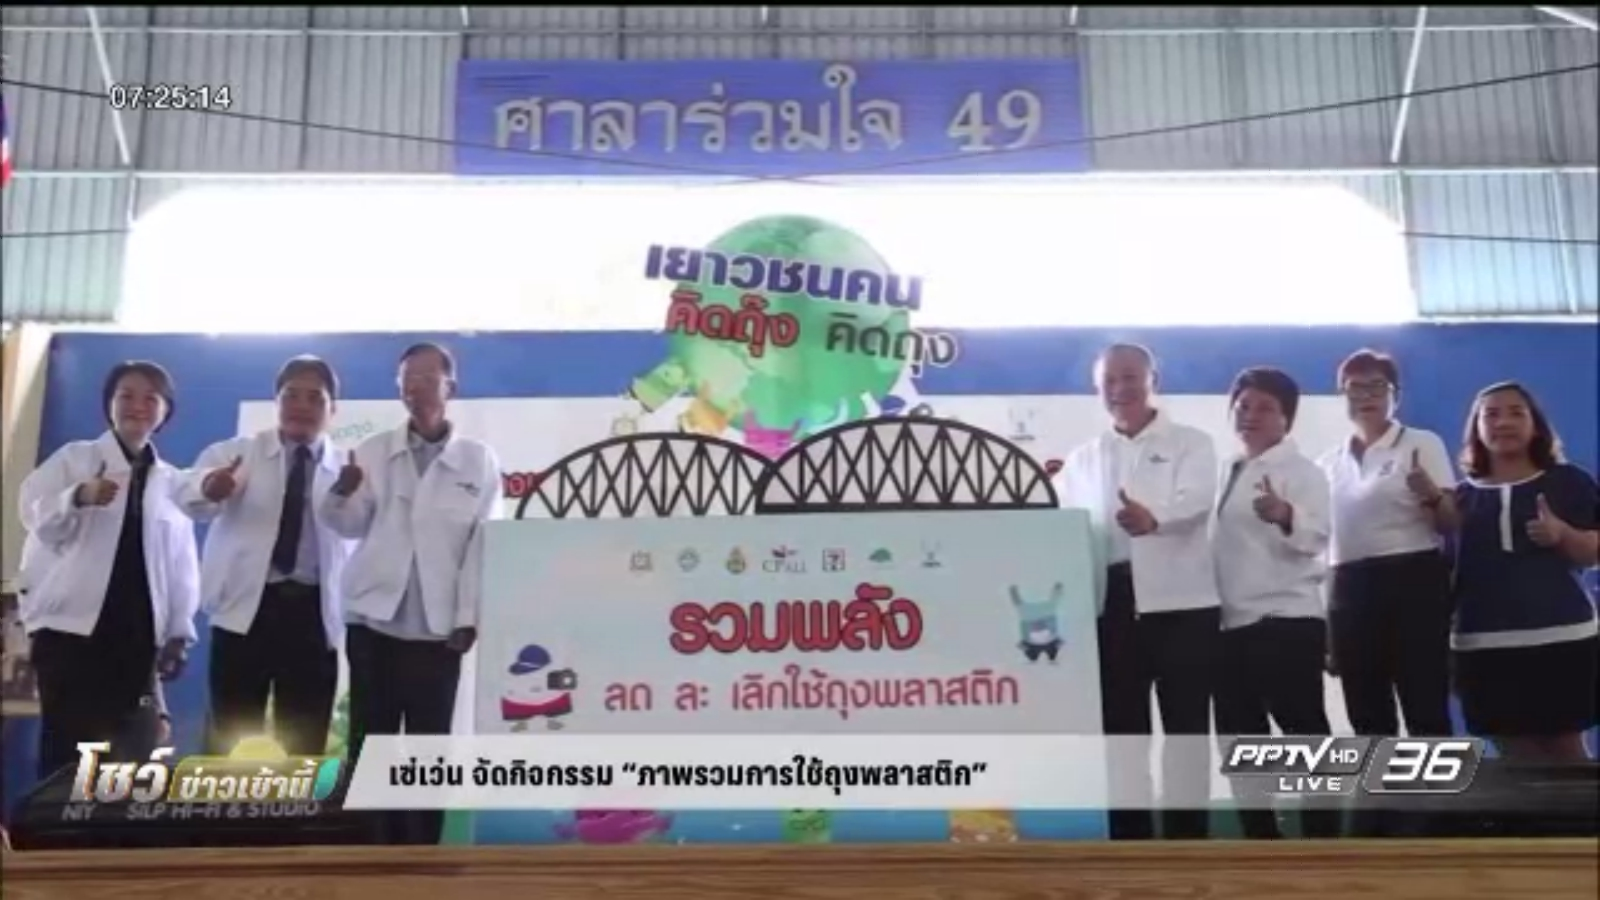 เซเว่นเดินหน้าเชิญชวนคนไทยลดใช้ถุงพลาสติกอย่างต่อเนื่อง